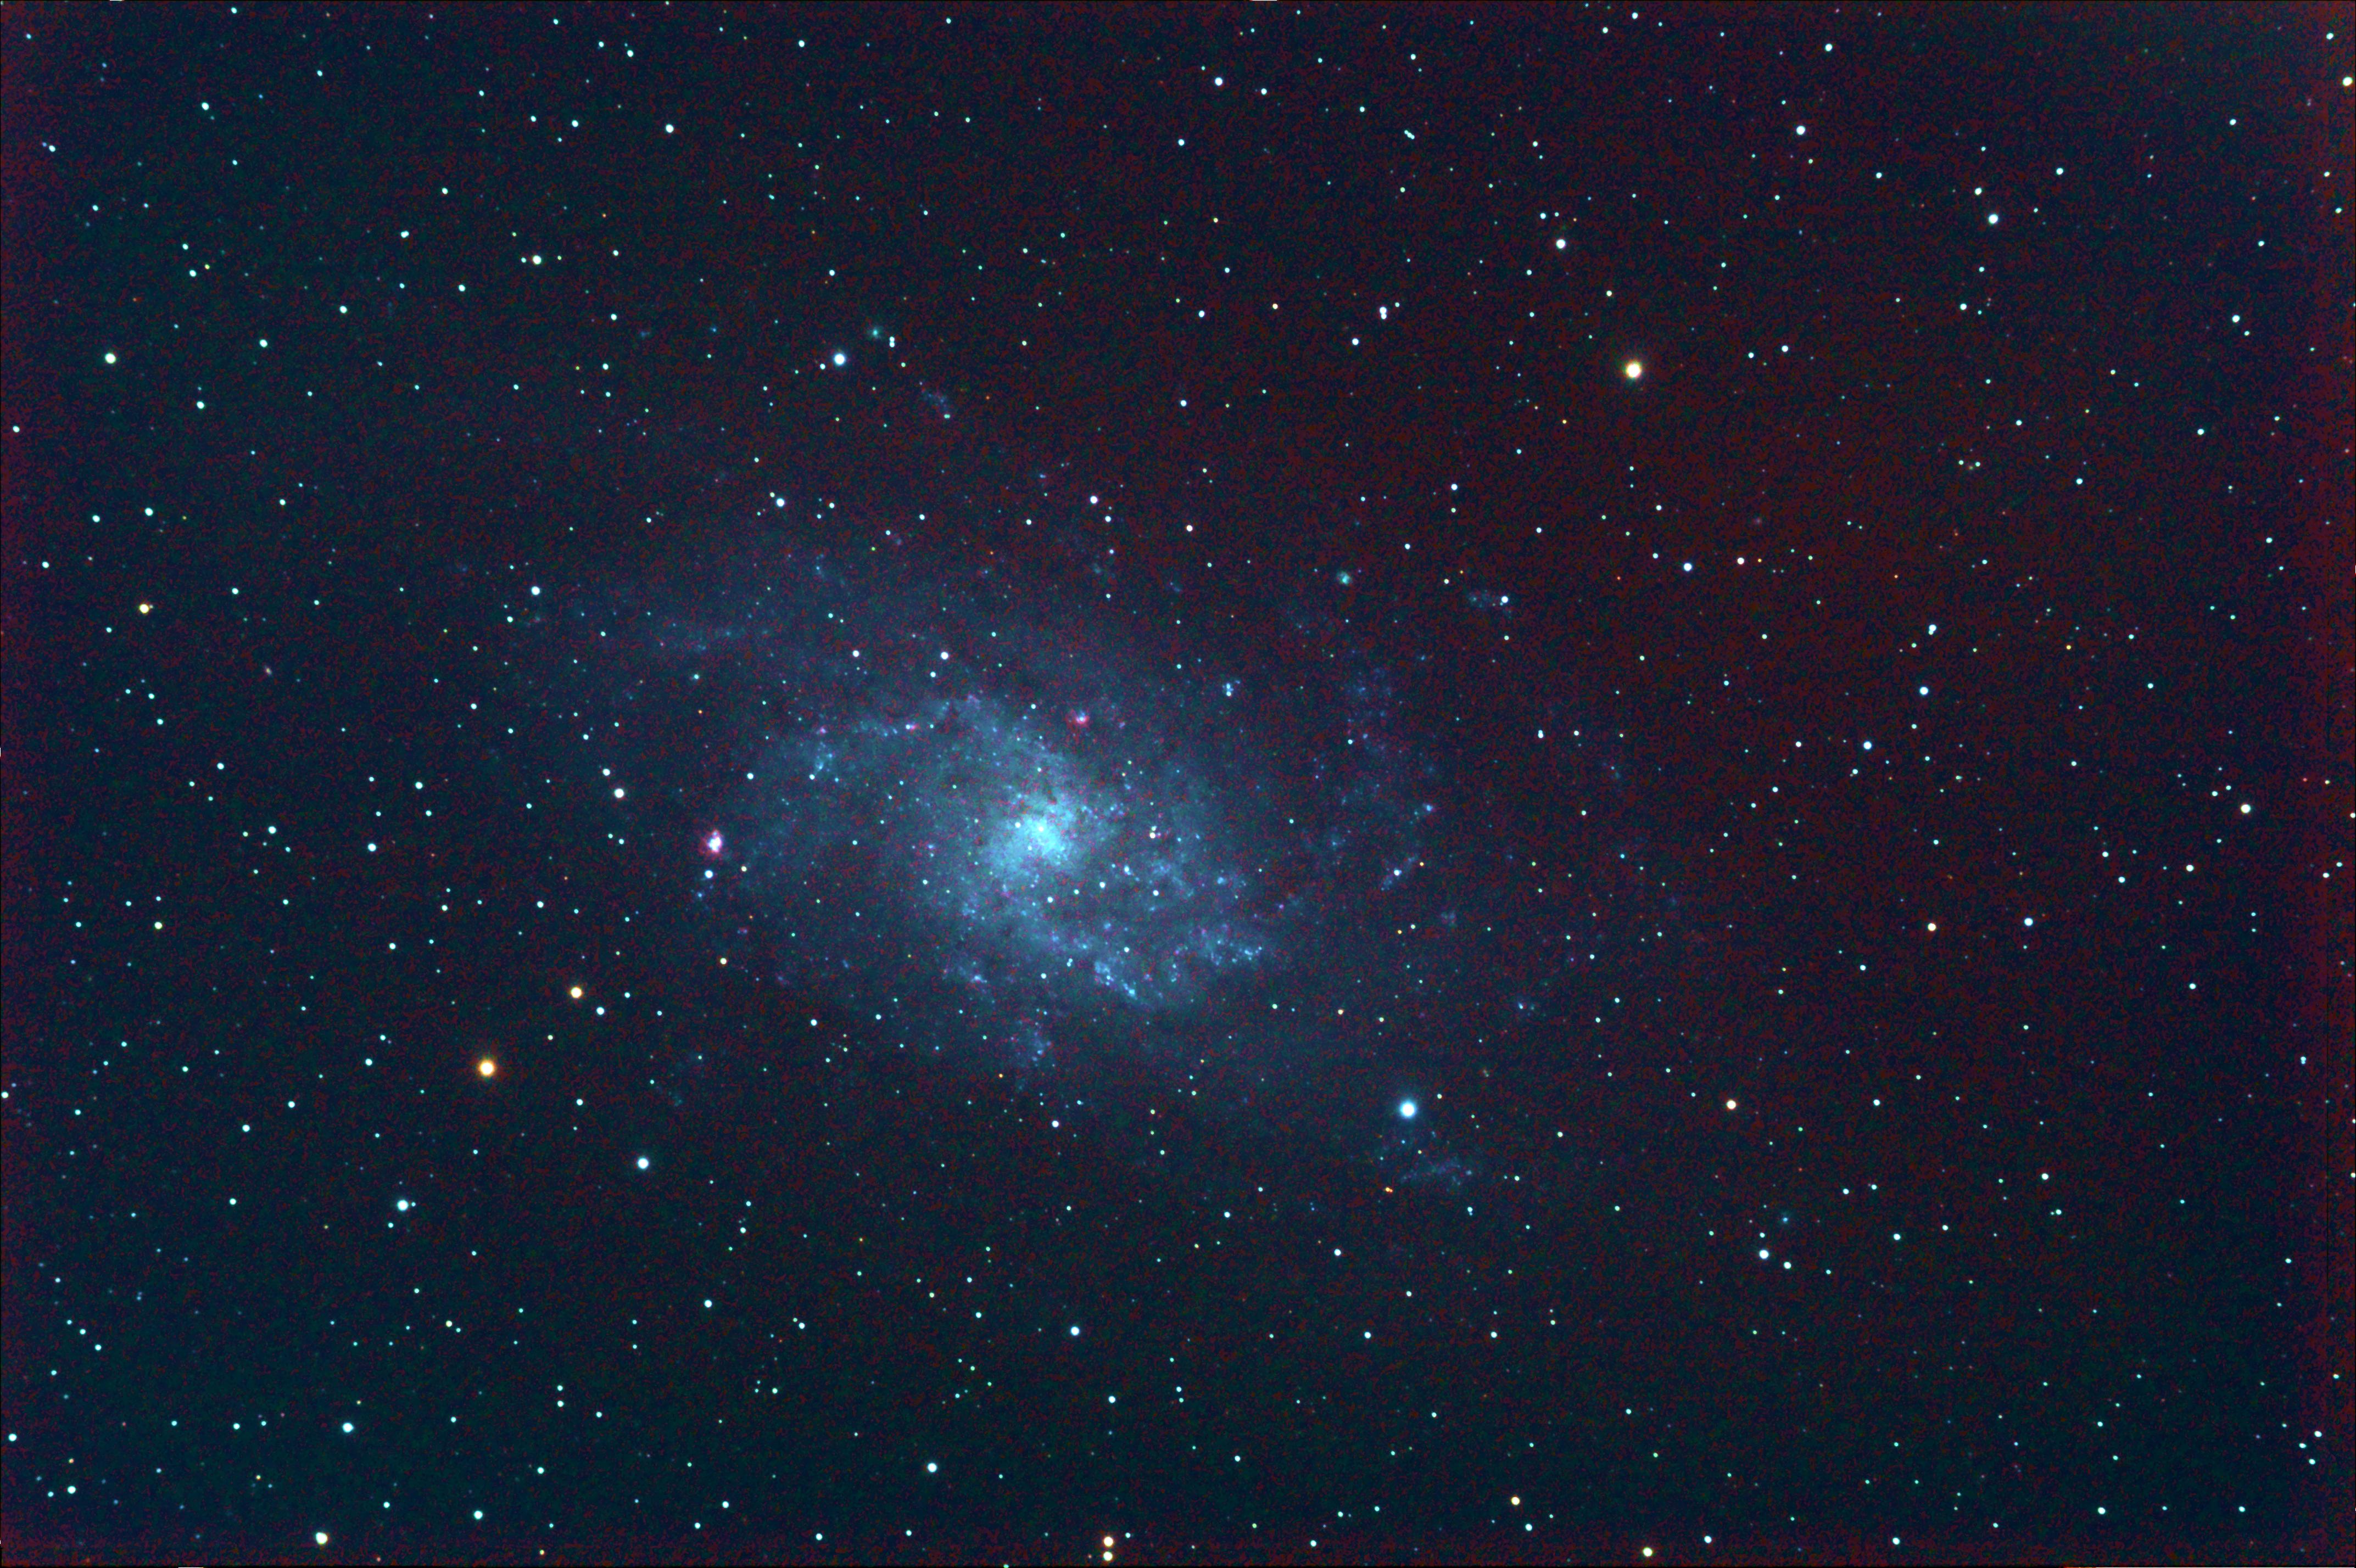 M33 DSS TIFF 16bit-ch-PS2